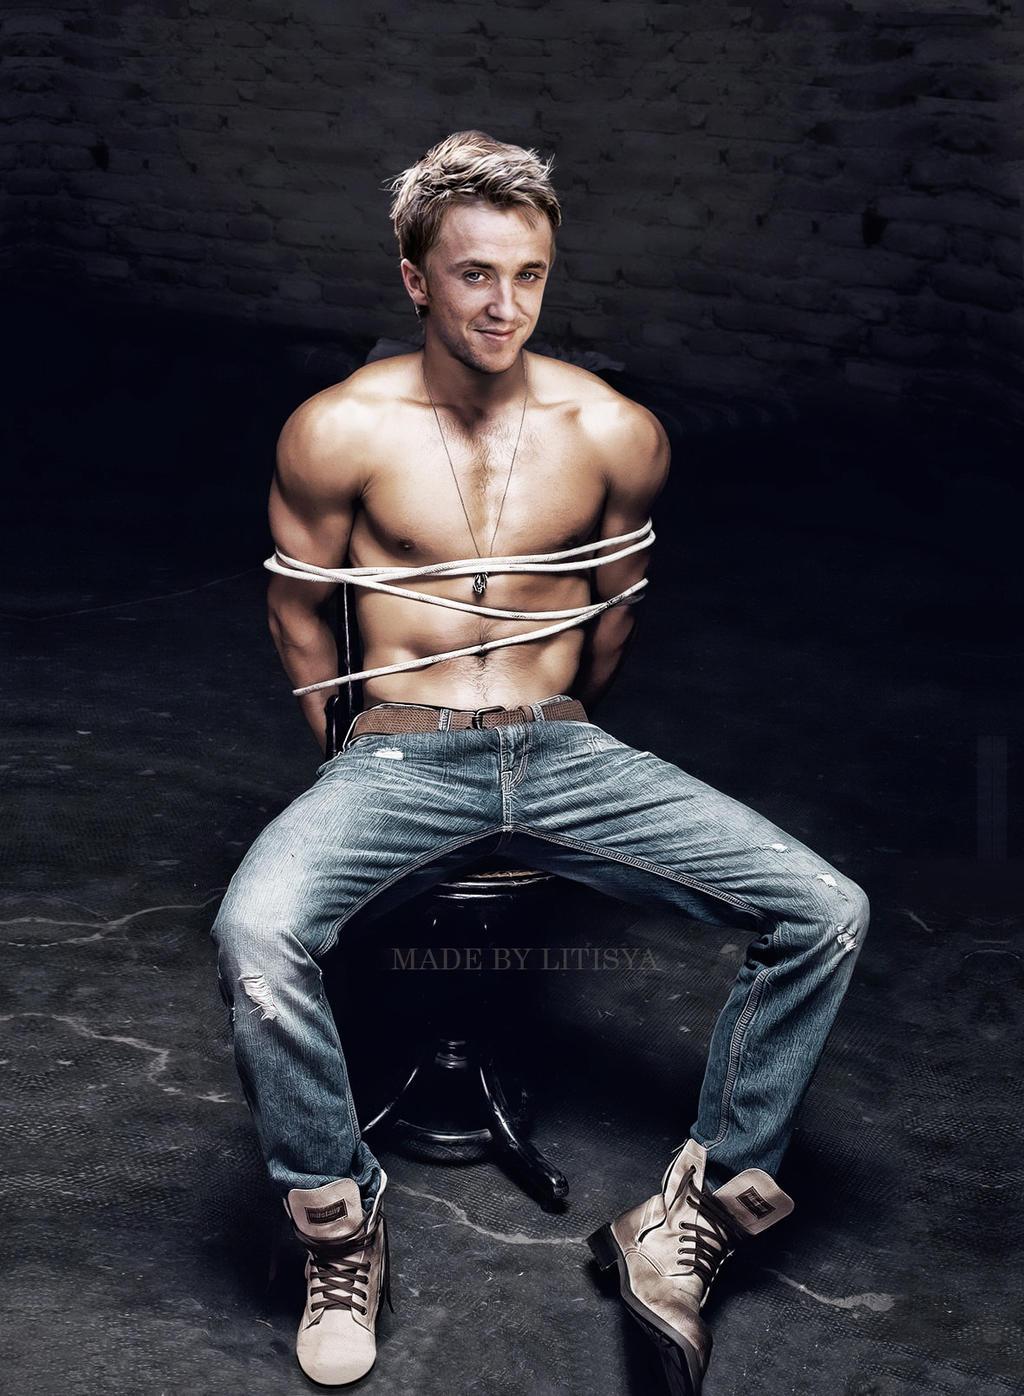 Связан веревкой мускулистый парень 8 фотография